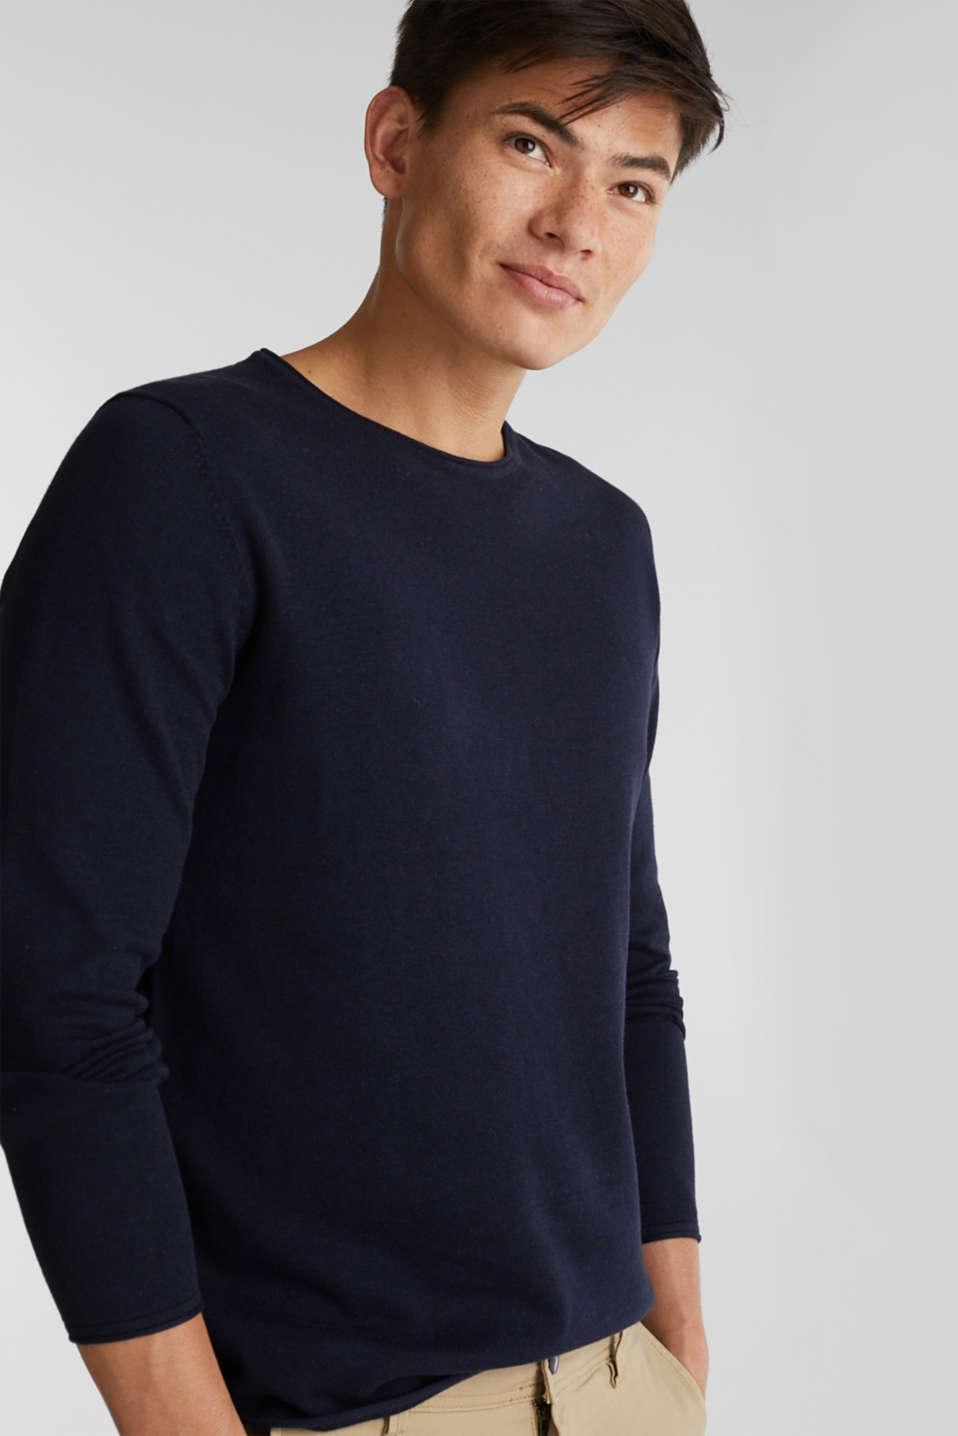 Fine knit cotton jumper, NAVY, detail image number 0